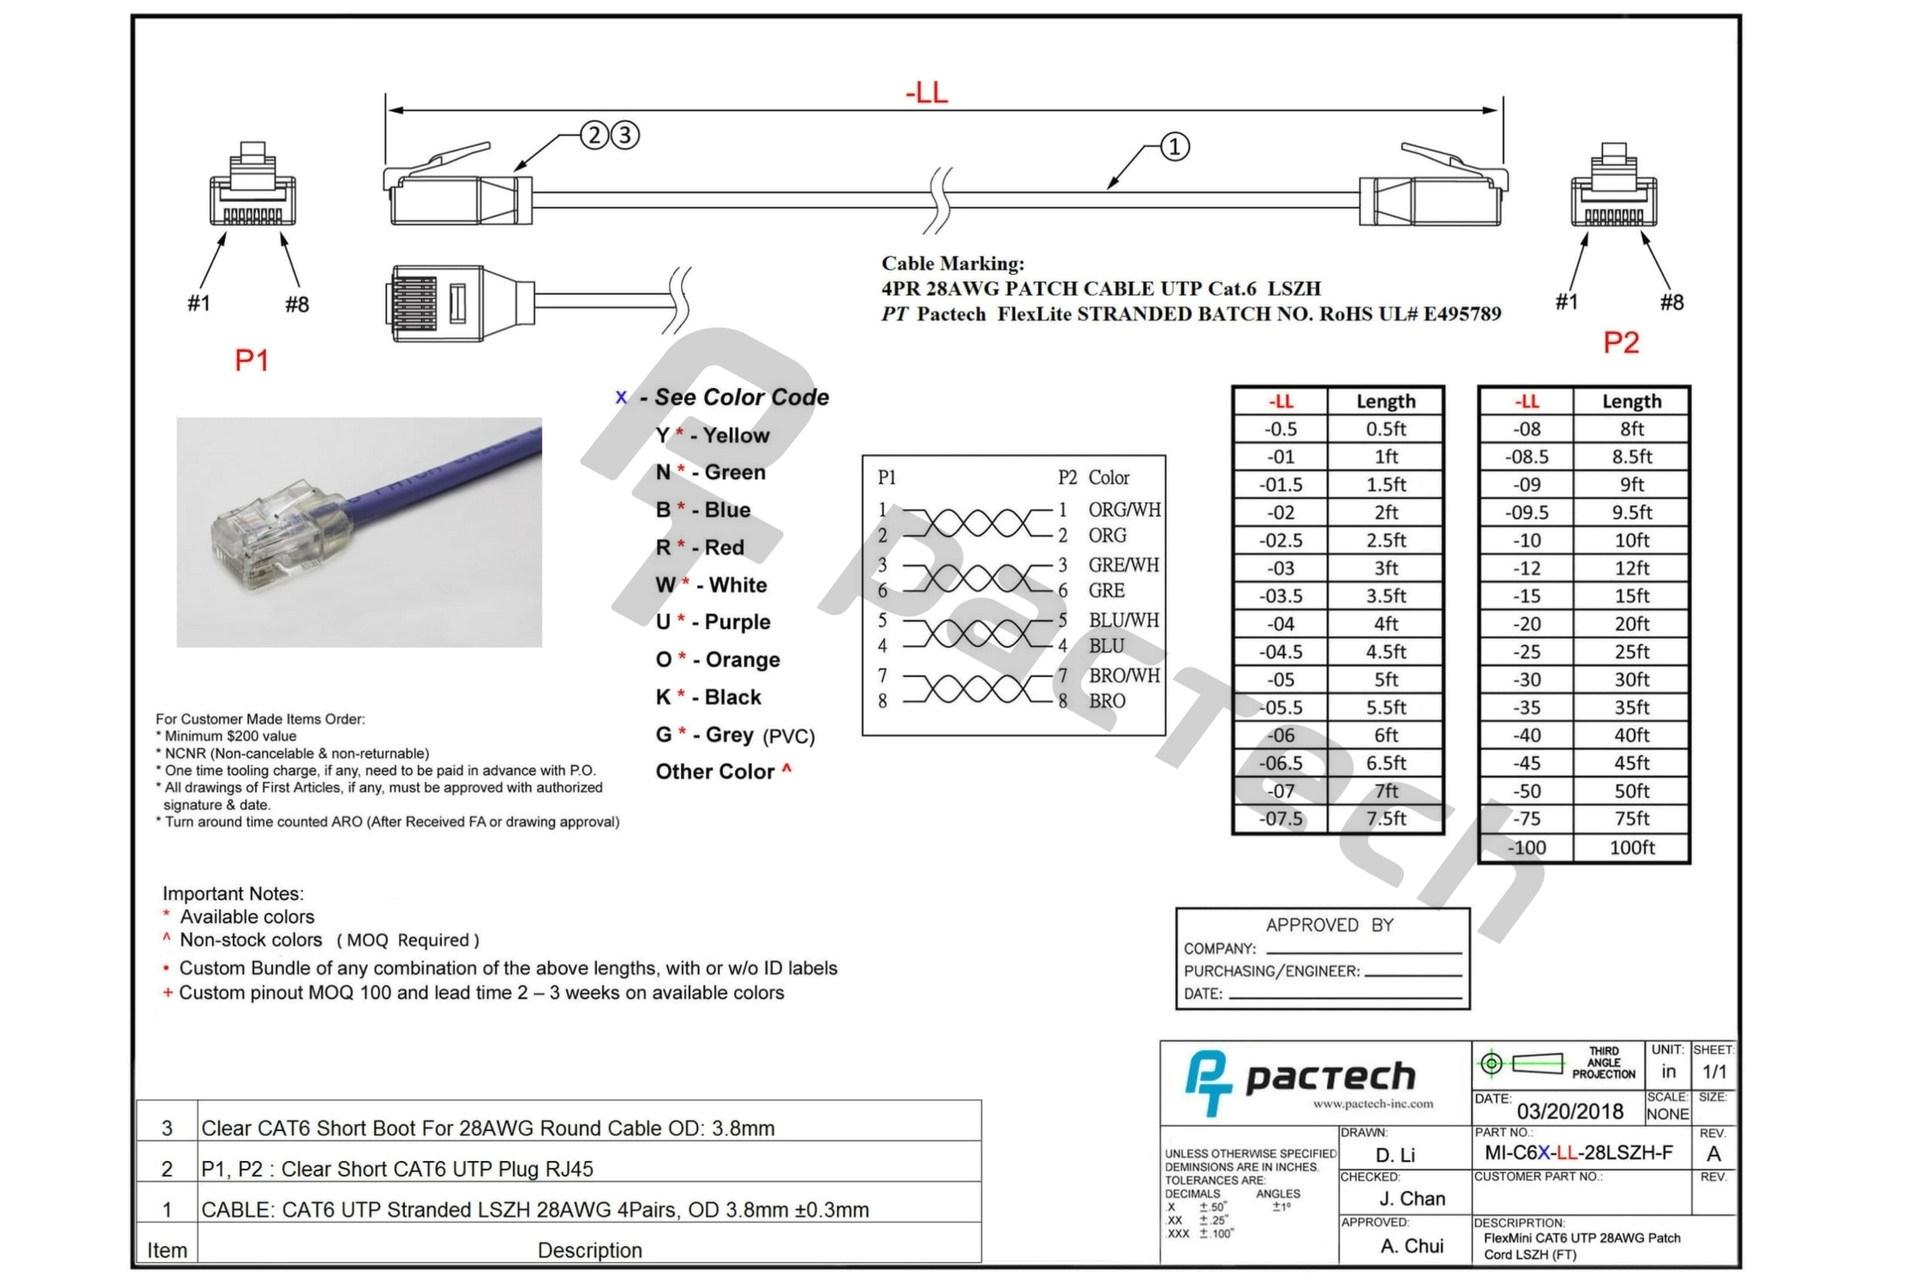 rj11 jack wiring wiring diagram databaserj11 jack wiring diagram